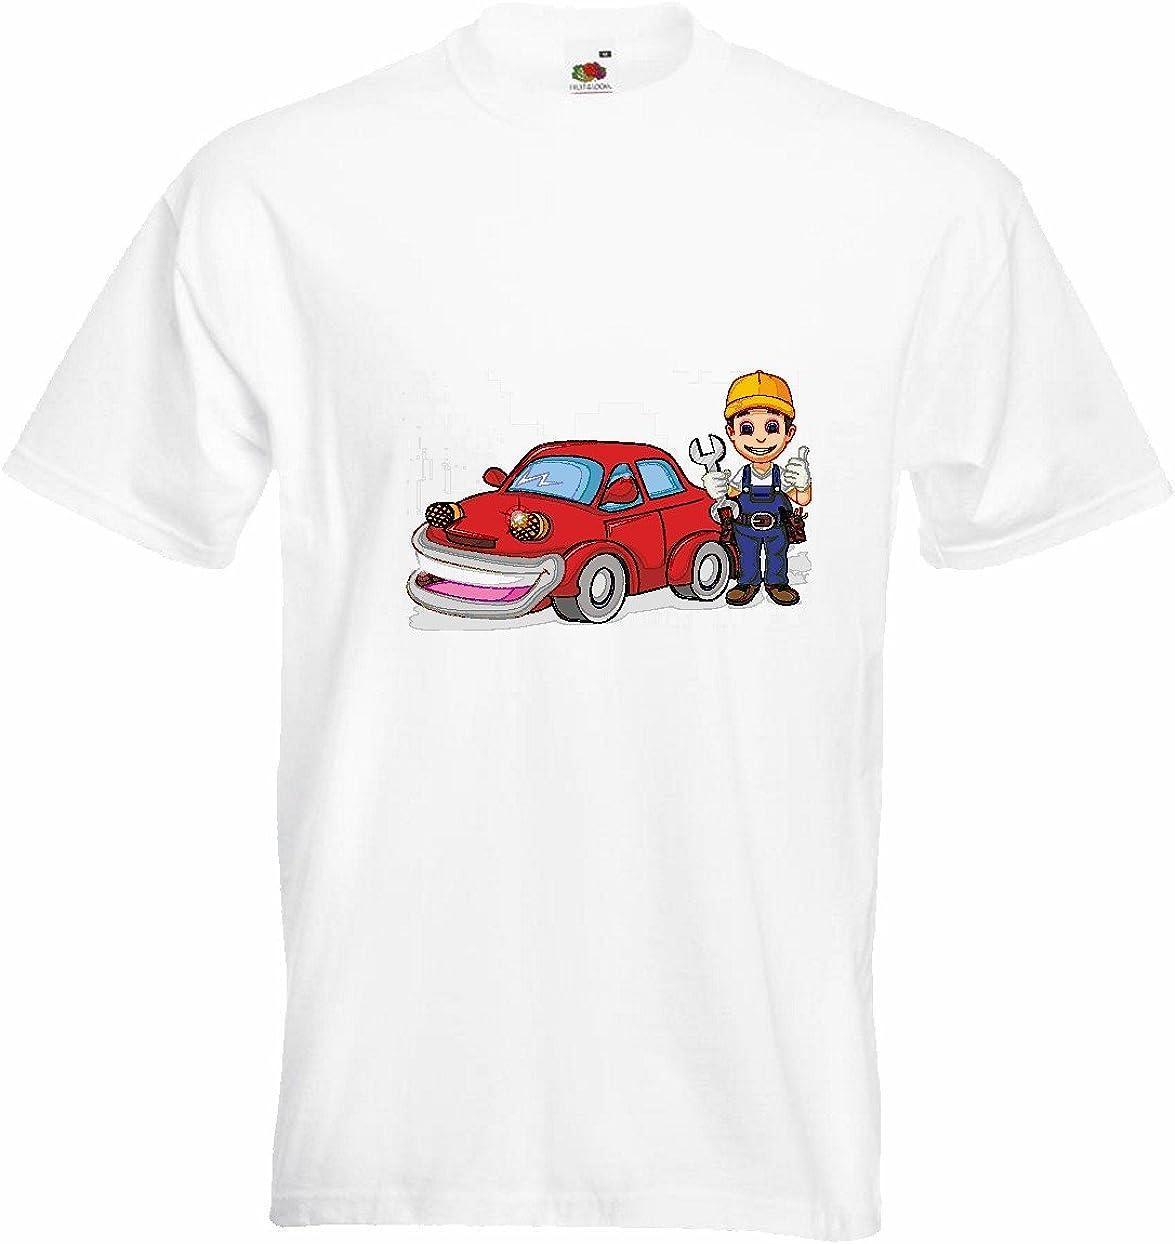 T-Shirt Camiseta Remera Mecánica móvil Automoción Mechatronic EL Taller DE Reparaciones Auto BERUFSKLEIDUNG Auto Reparaciones Meister Coche de reparación de la avería en Blanco: Amazon.es: Ropa y accesorios